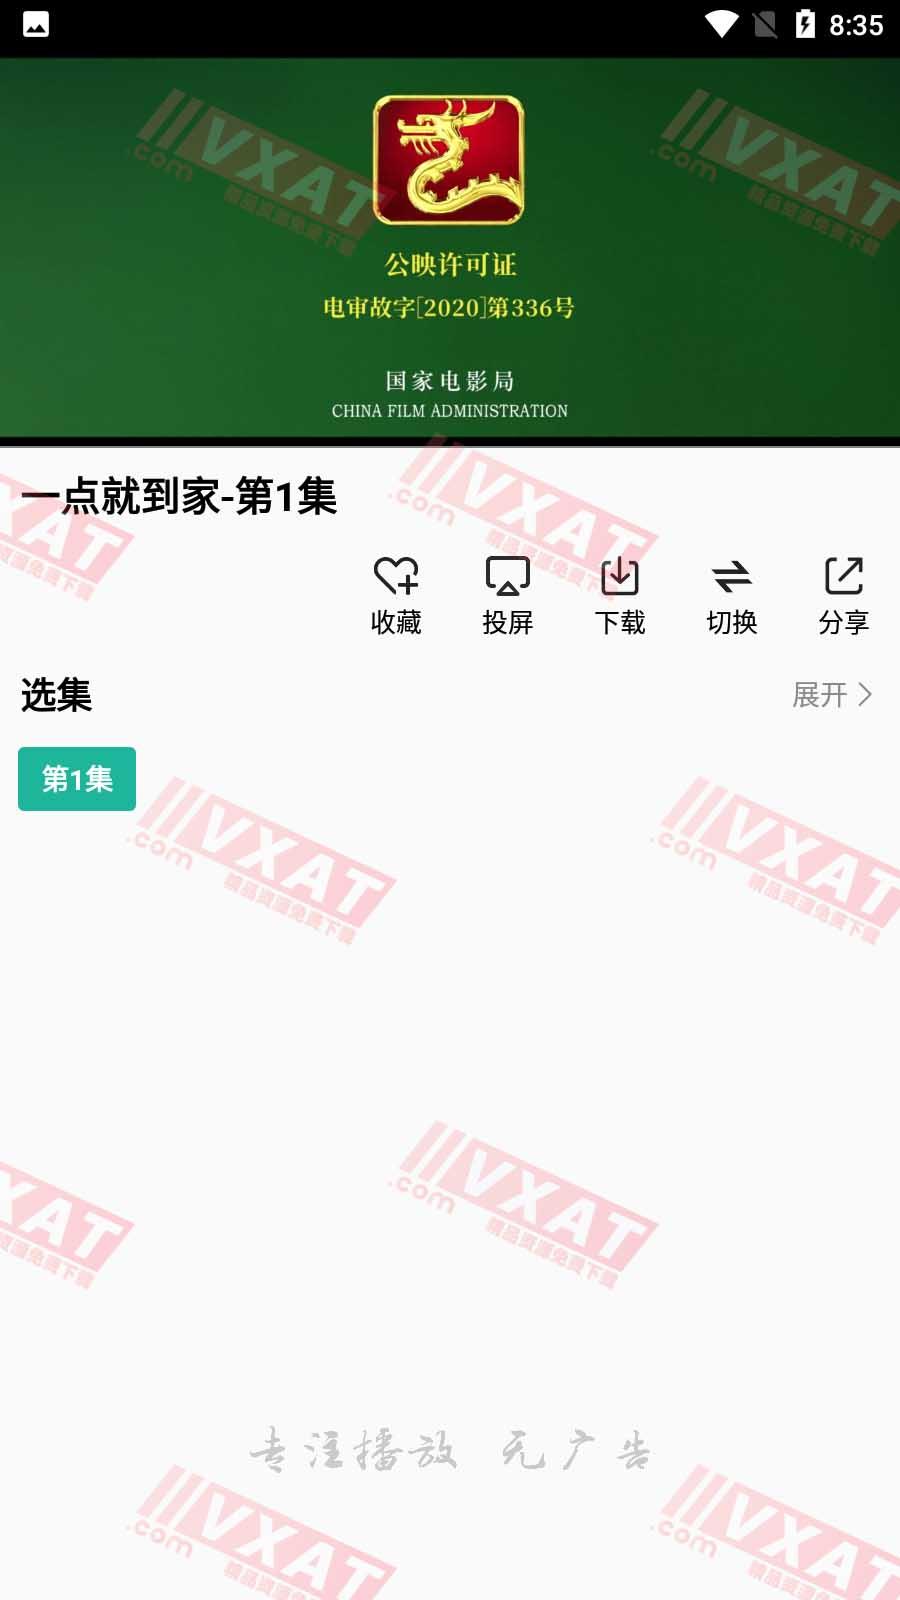 鳄鱼影视 v1.0.3 去广告安卓版 第2张